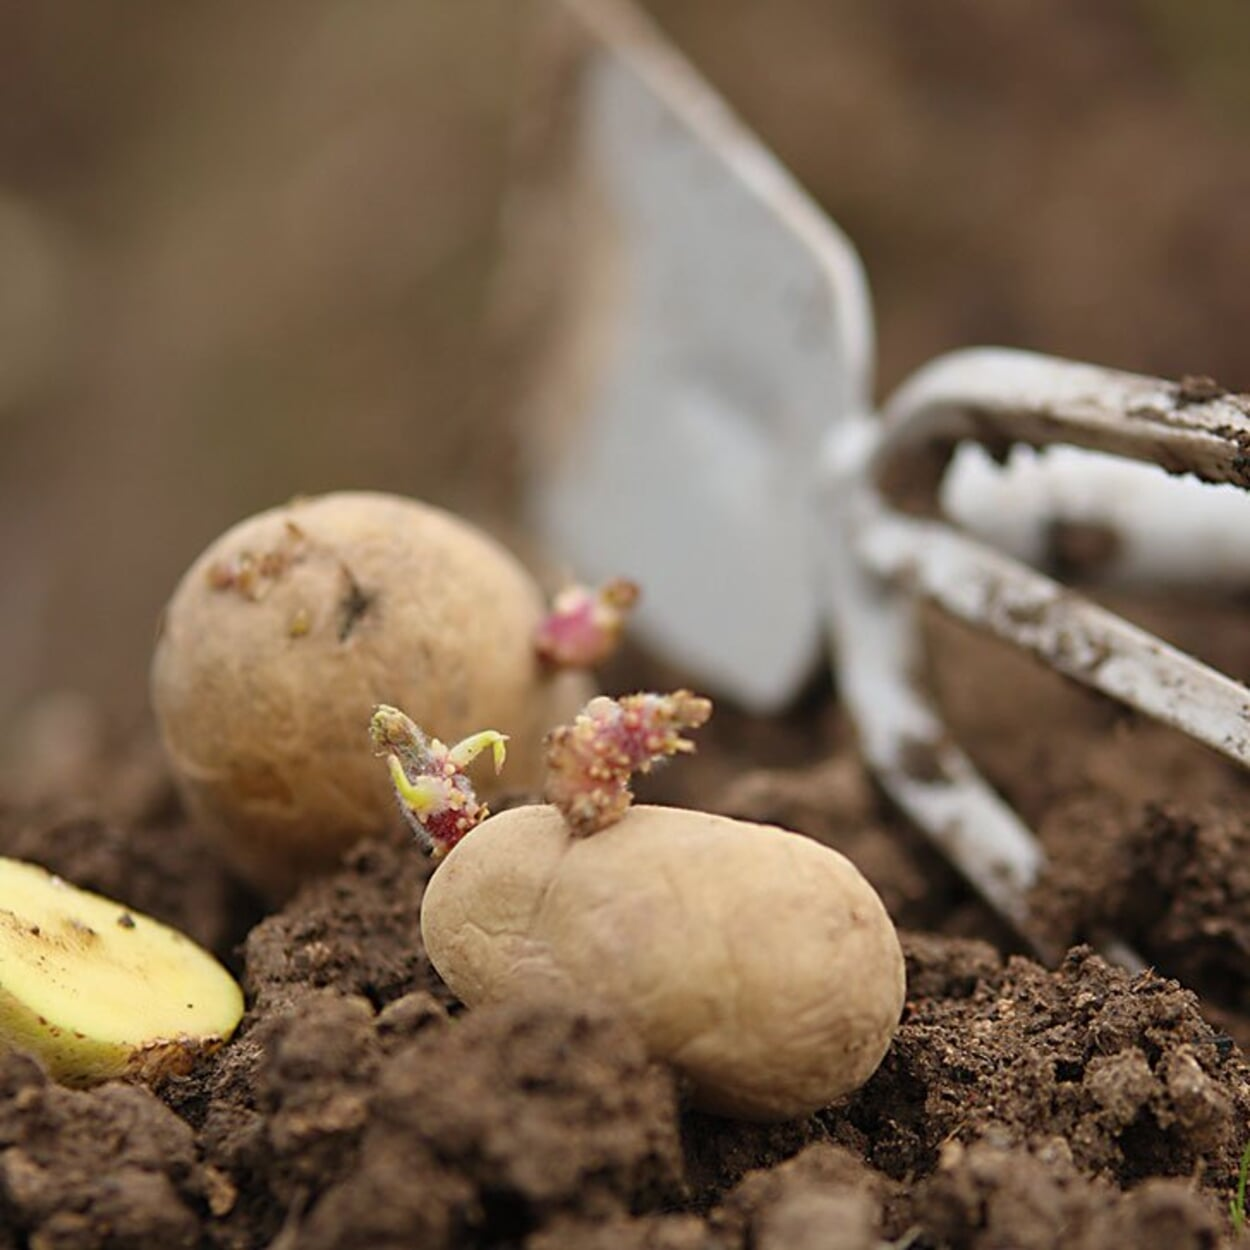 Die gekeimten Kartoffeln dann im April ins Beet pflanzen.